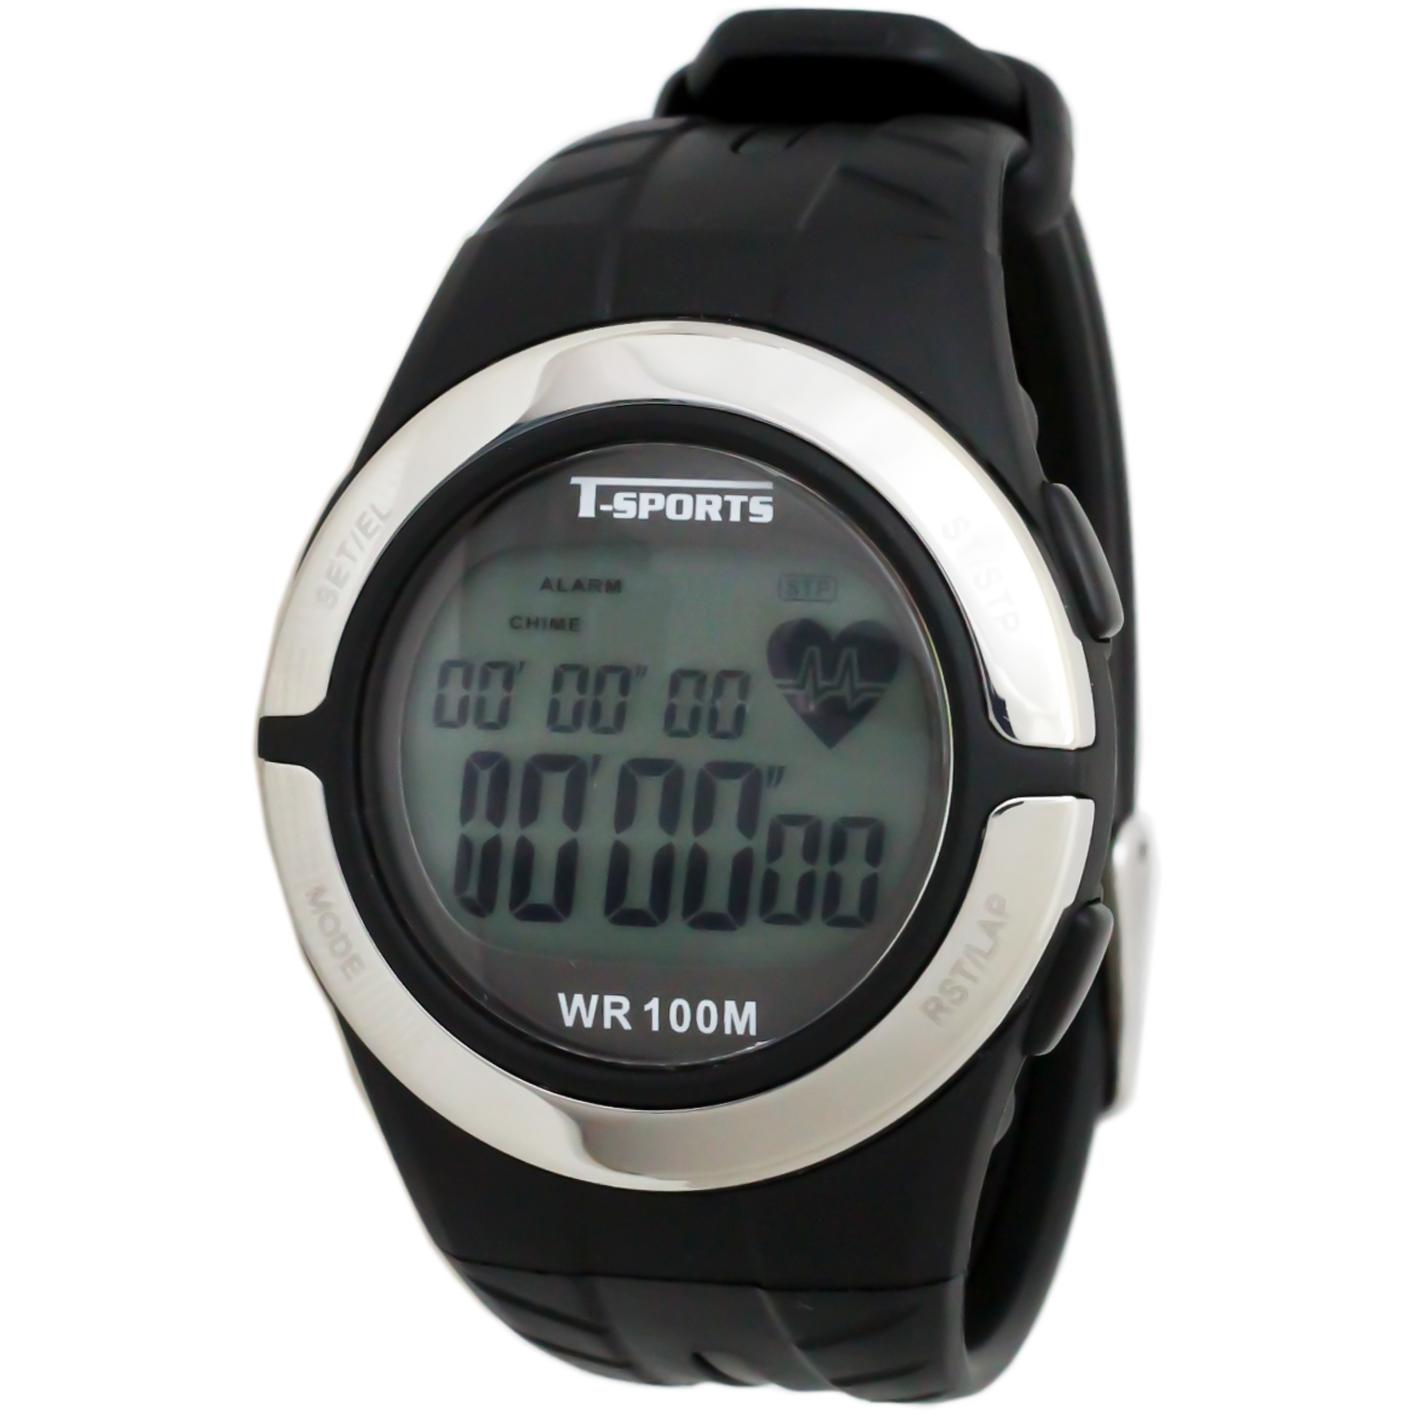 T-SPORTS ティースポーツ デジタルウオッチ 心拍計測 腕時計 メンズ レディース【TS-D028】